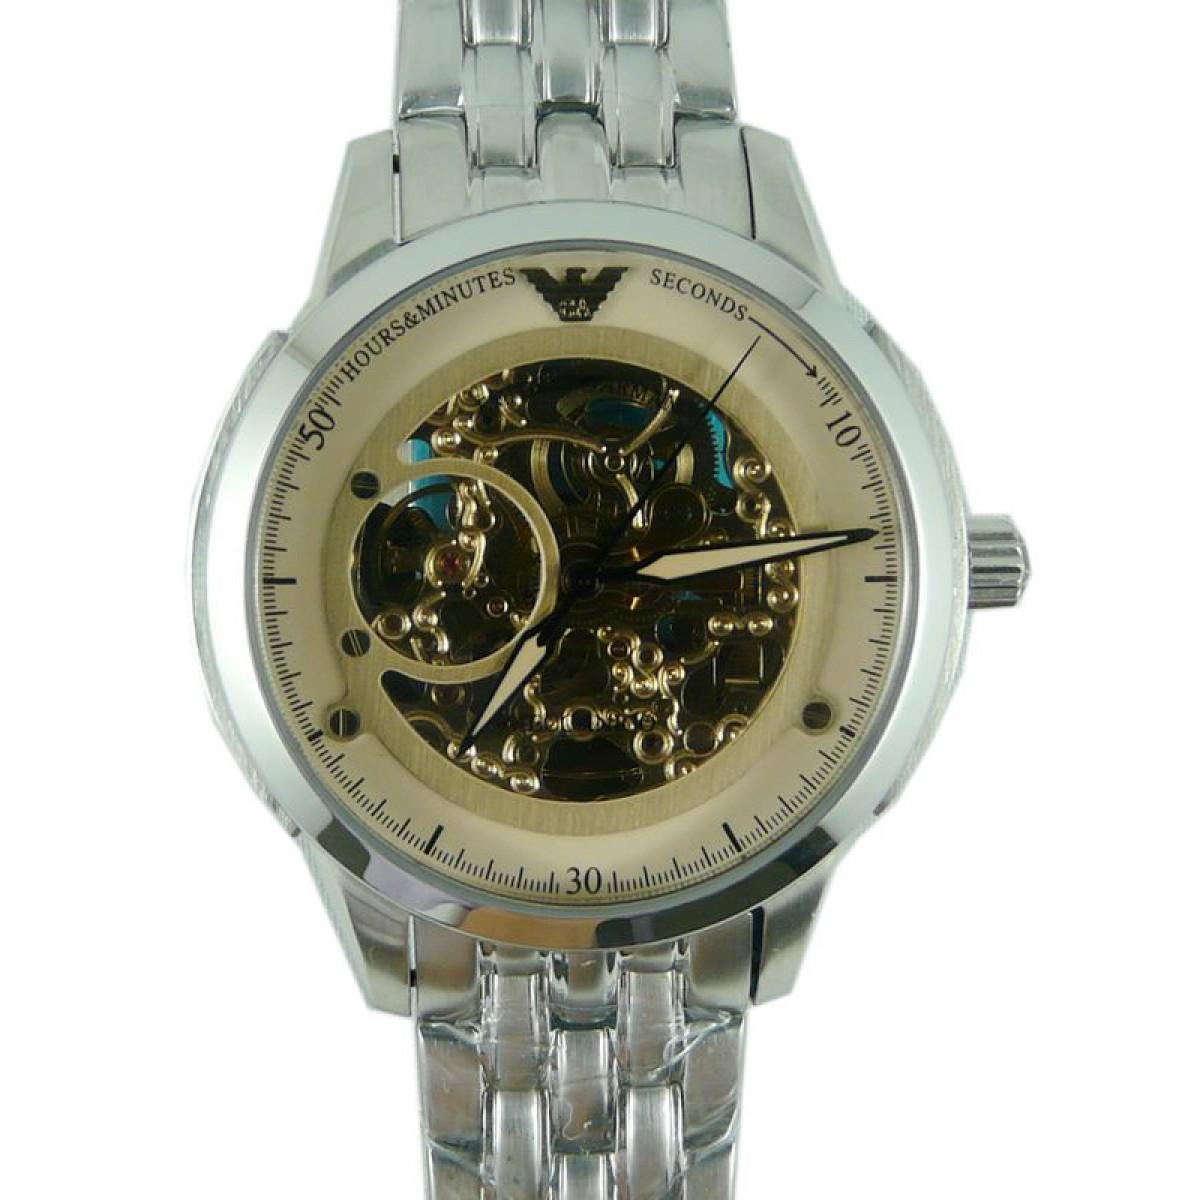 834b7c04db8 Réplicas de Relógios de Grifes - Contamos com uma equipe preparada ...